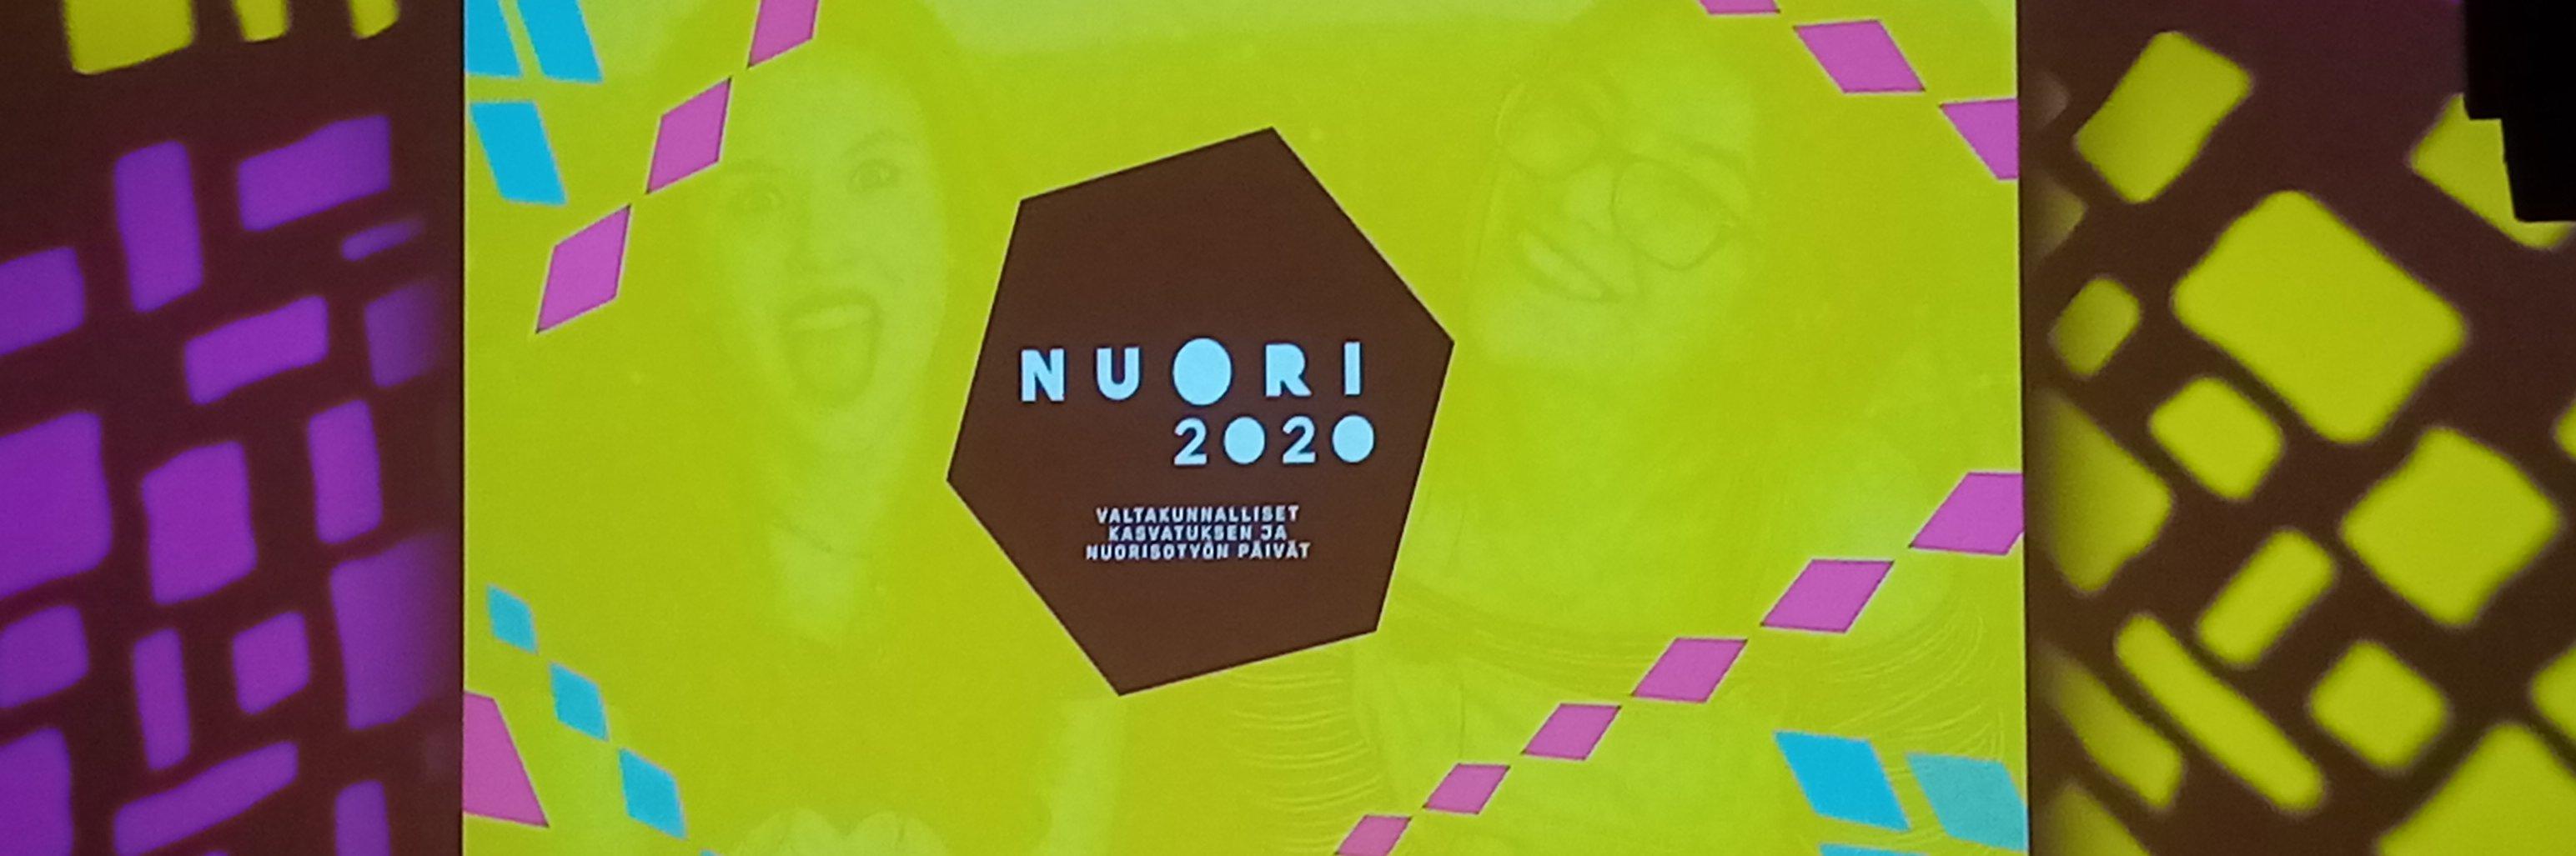 Lava jonka keskellä olevassa näytössä lukee Nuori 2020